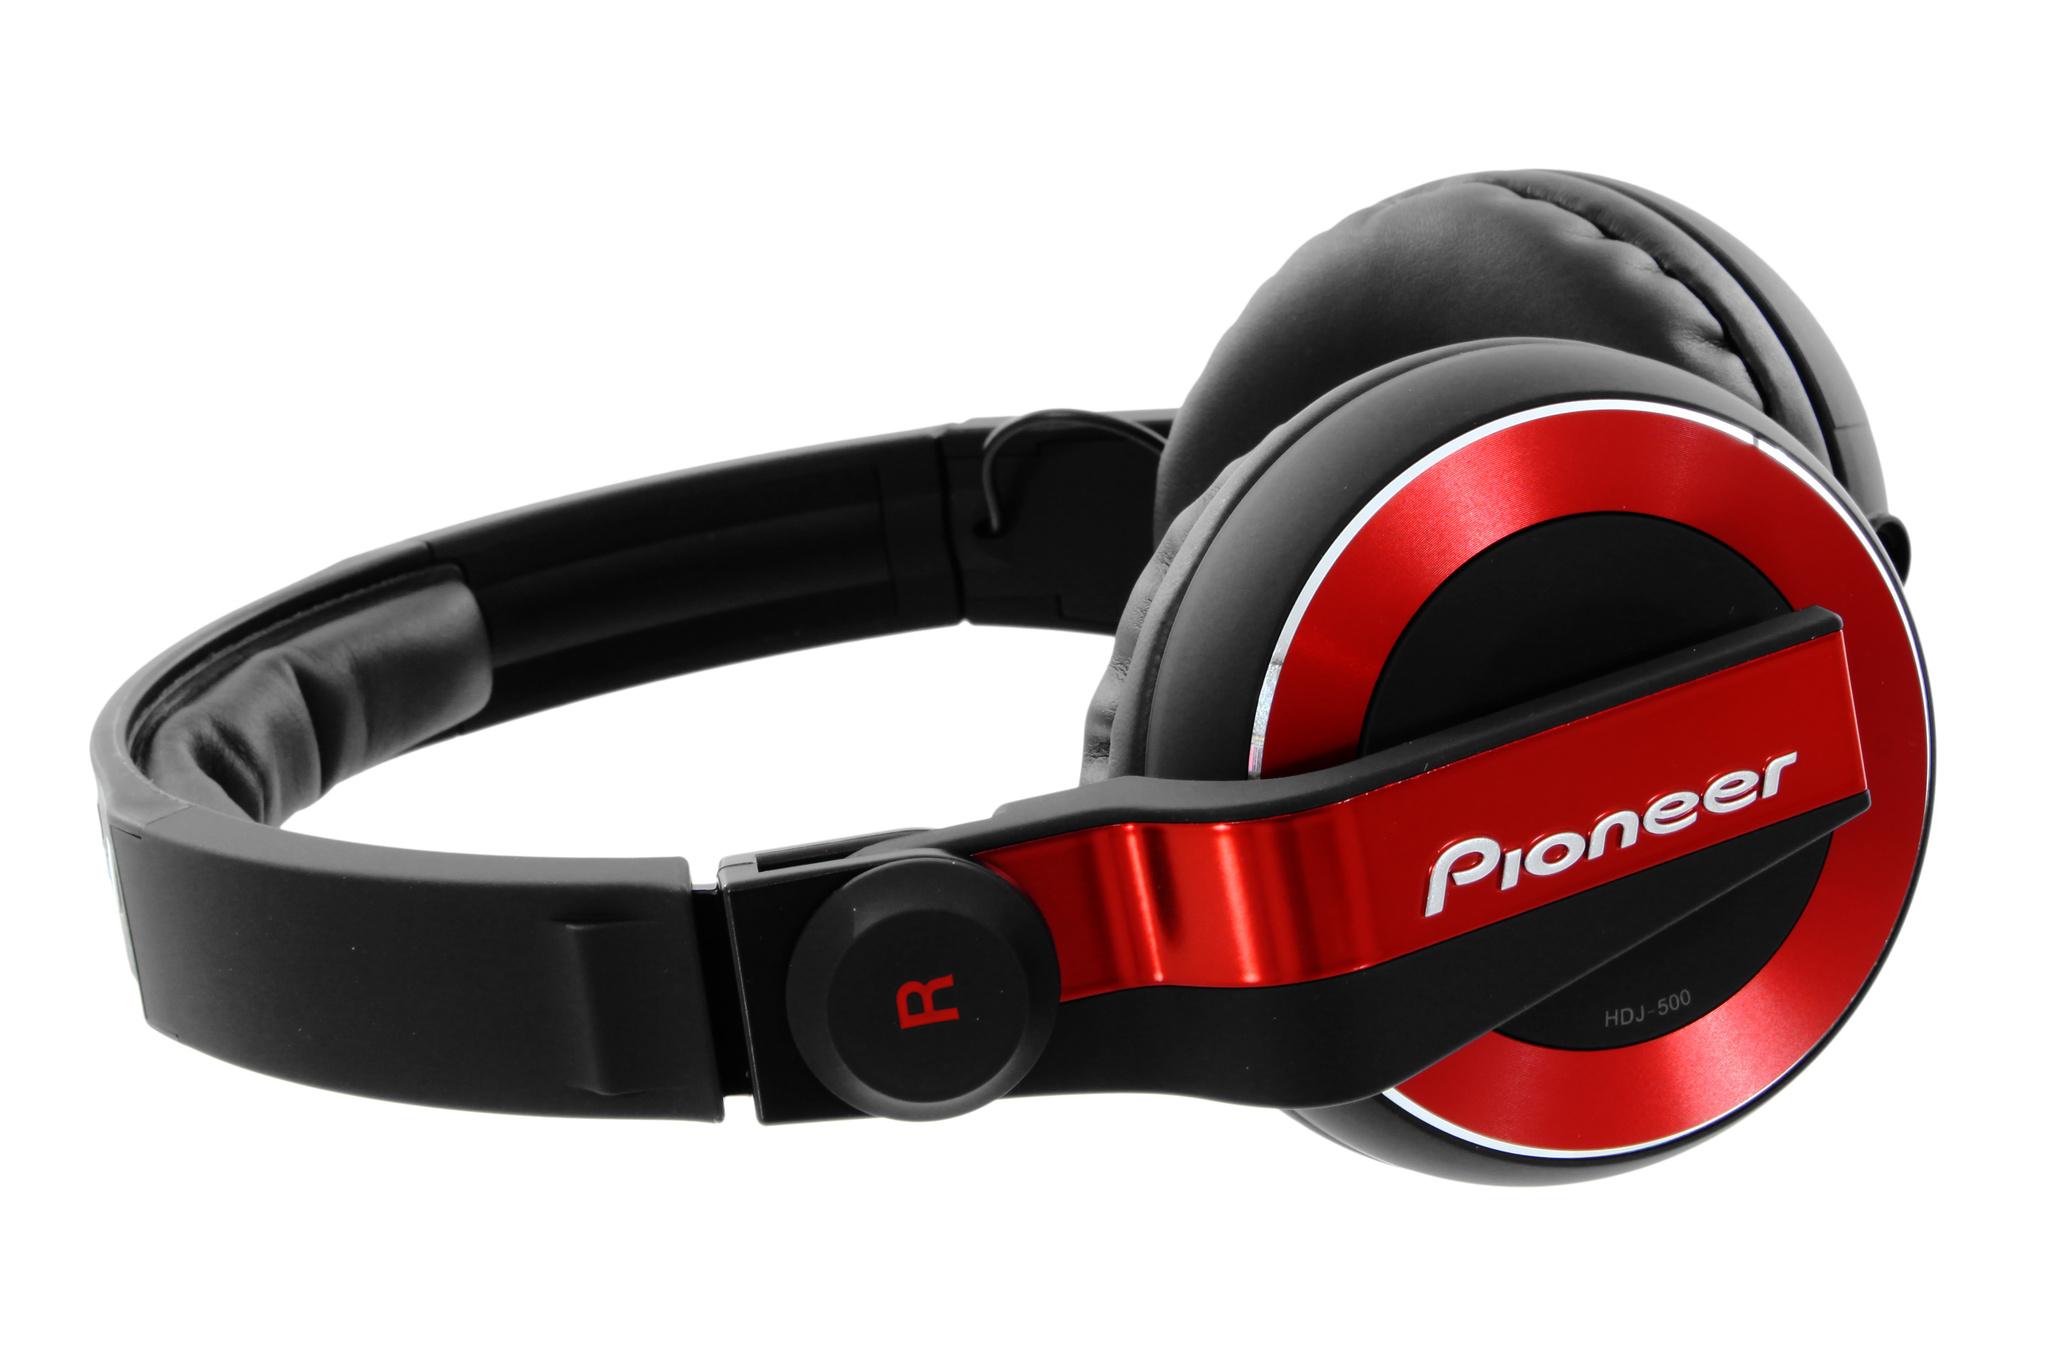 Pioneer HDJ-500-R купить DJ наушники в Москве в интернет-магазине по низкой  цене.